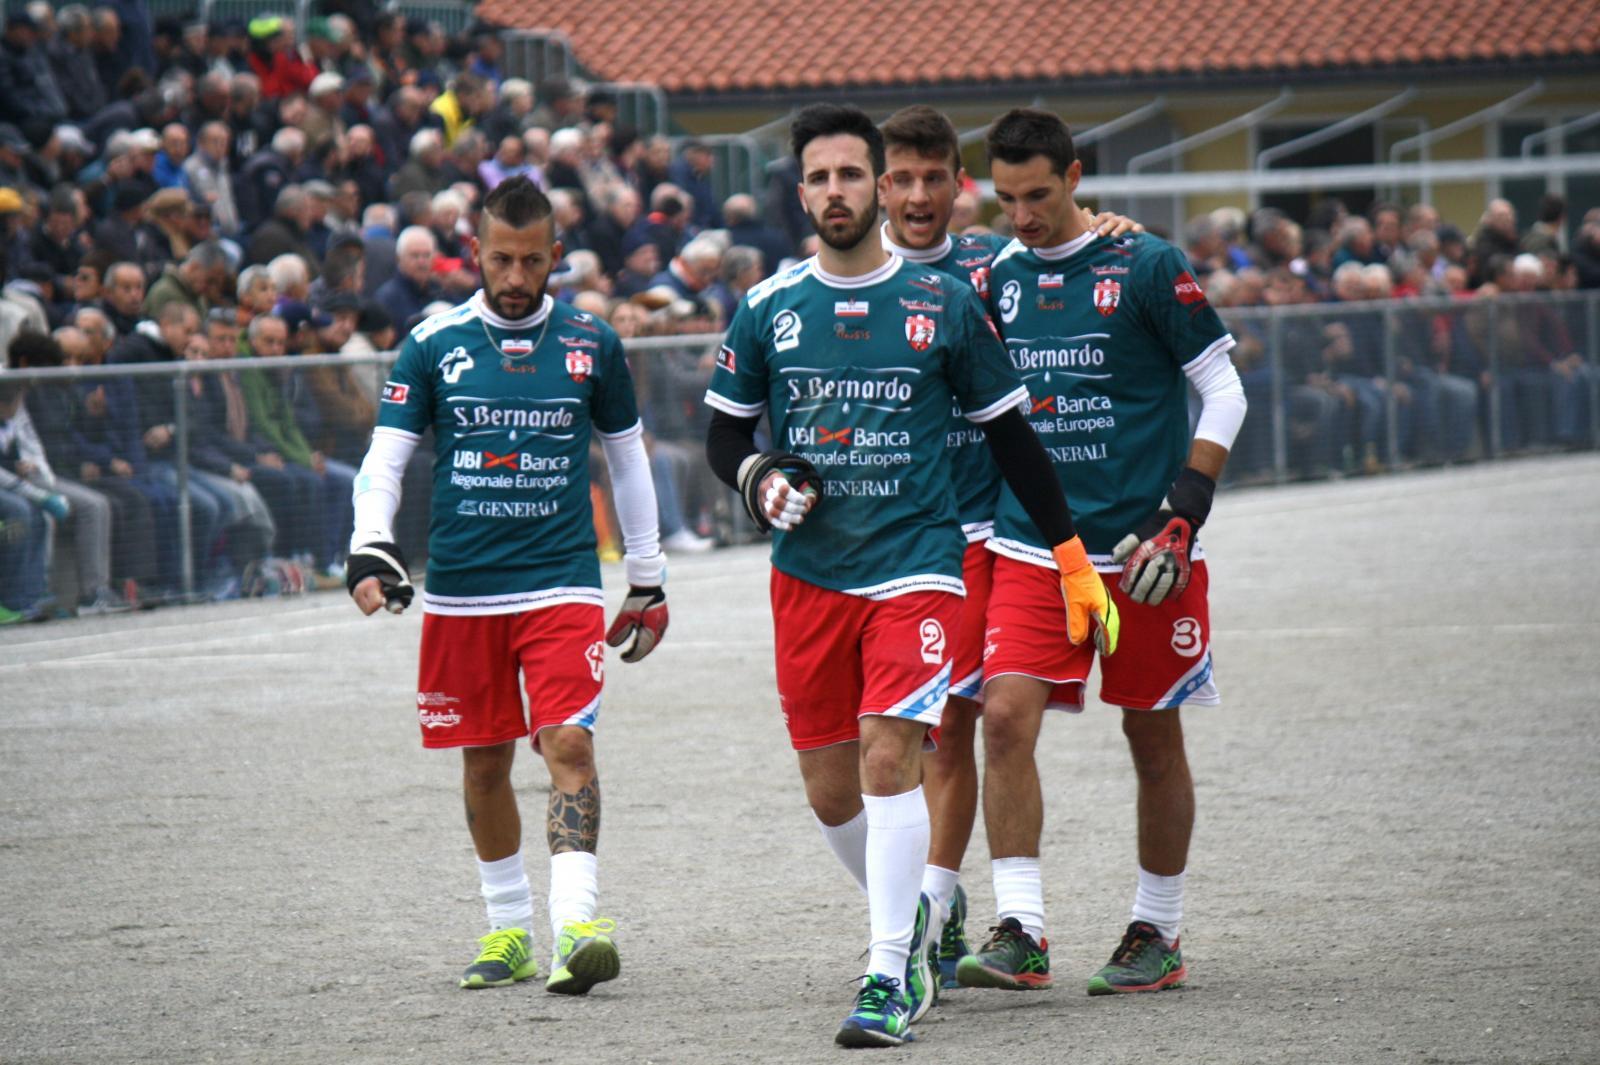 La Guida - Balon, oggi a Cuneo la finale scudetto